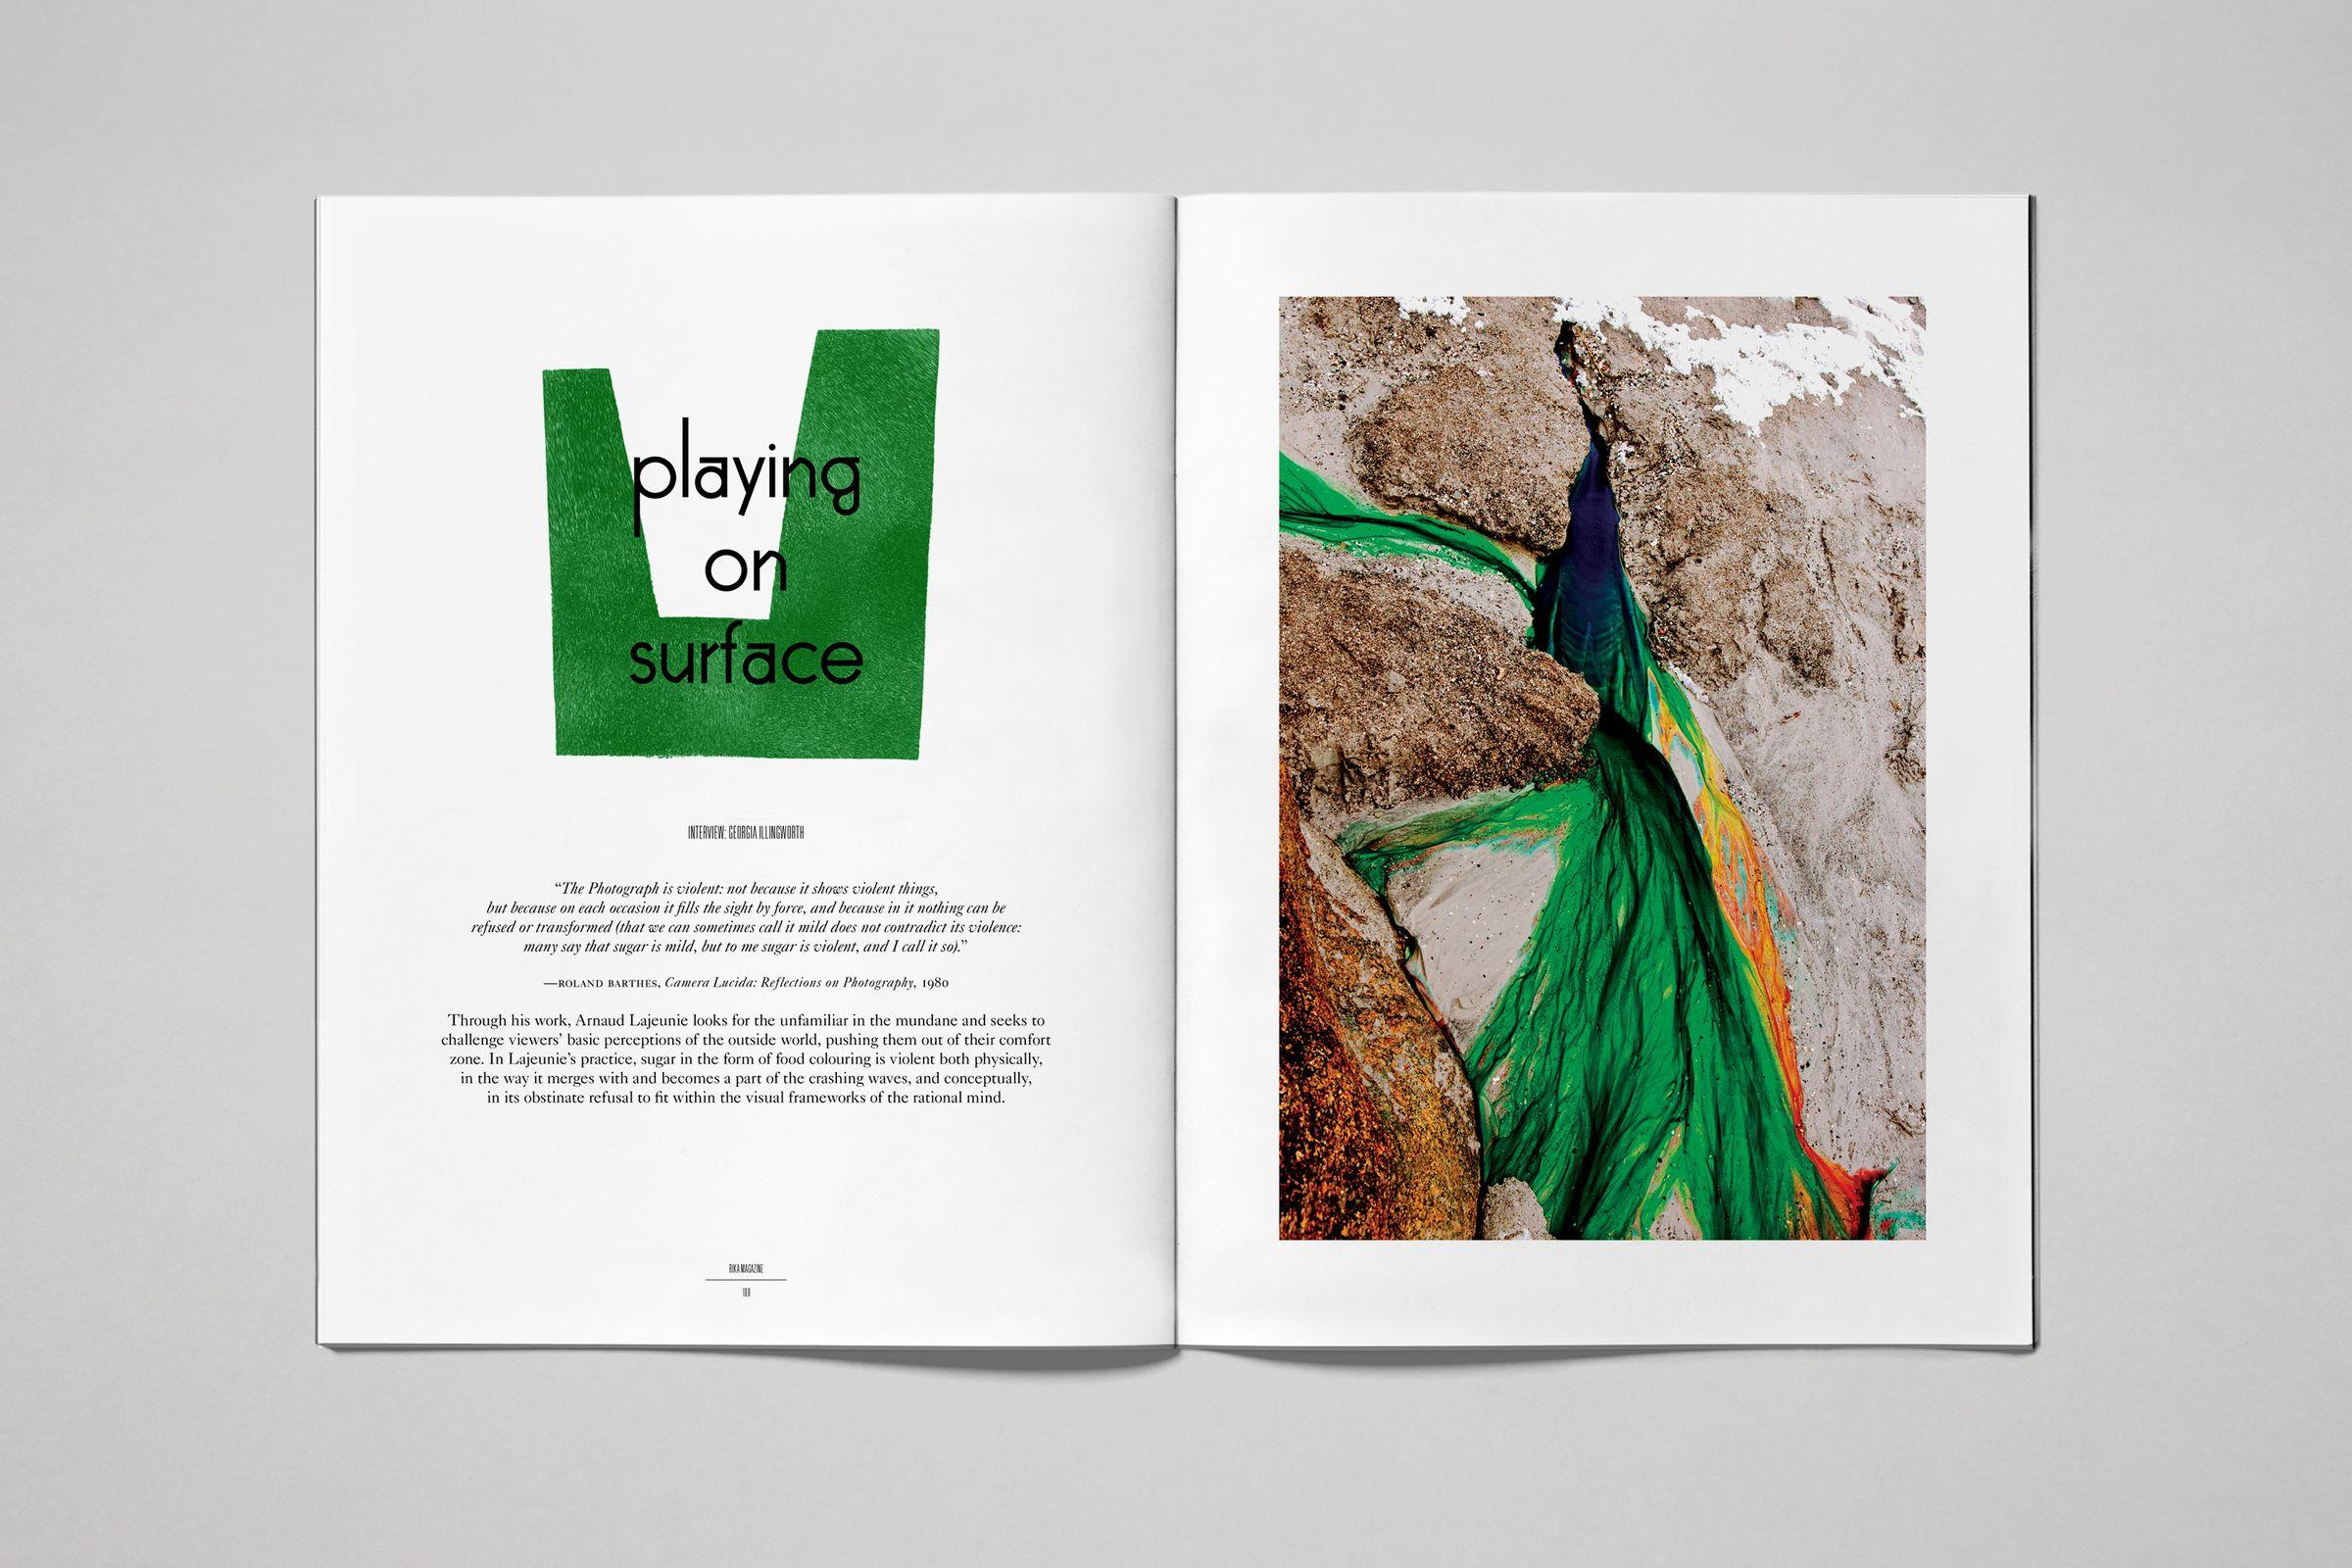 Rika Magazine issue no. 14 Arnaud Lajeunie